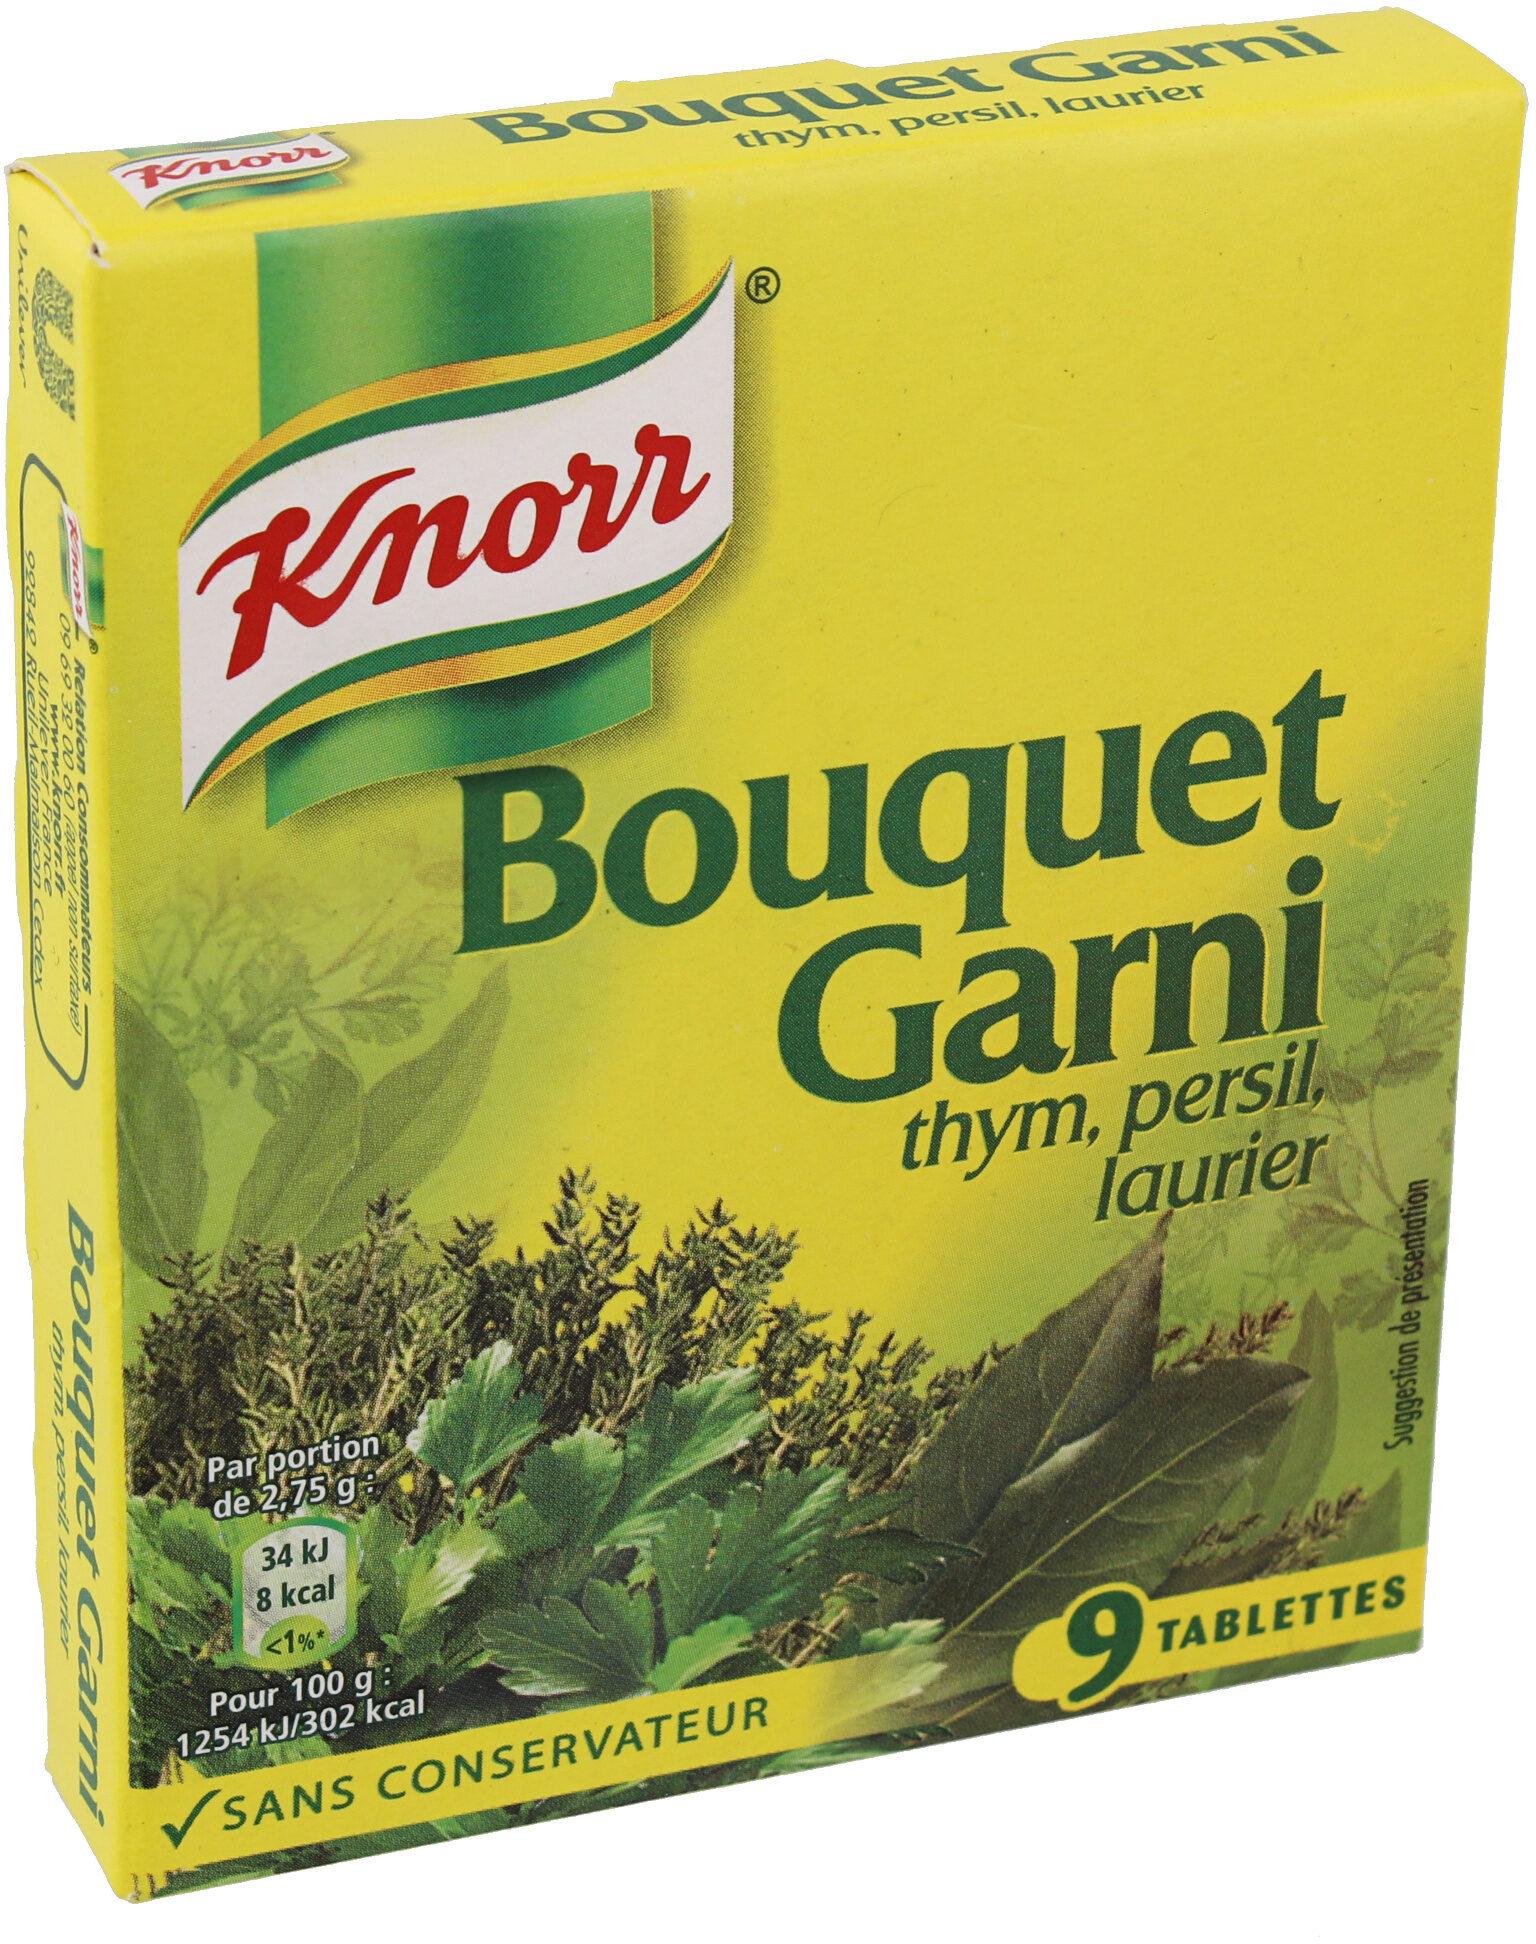 Knorr Bouillon Cube Bouquet Garni Thym Persil Laurier 9 Cubes - Product - fr